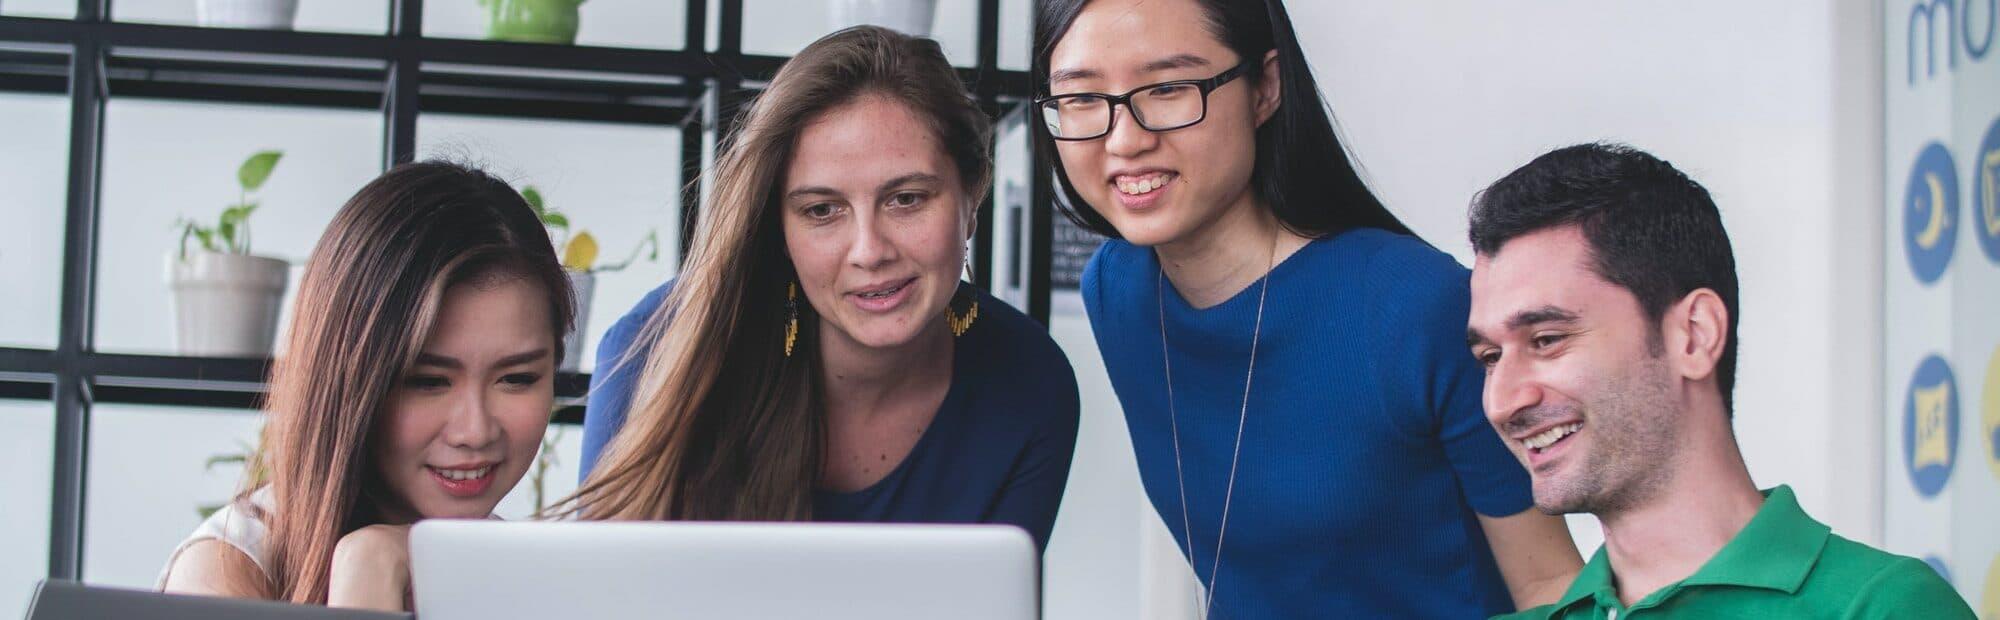 Tipps gegen den IT-Fachkräftemangel in Unternehmen